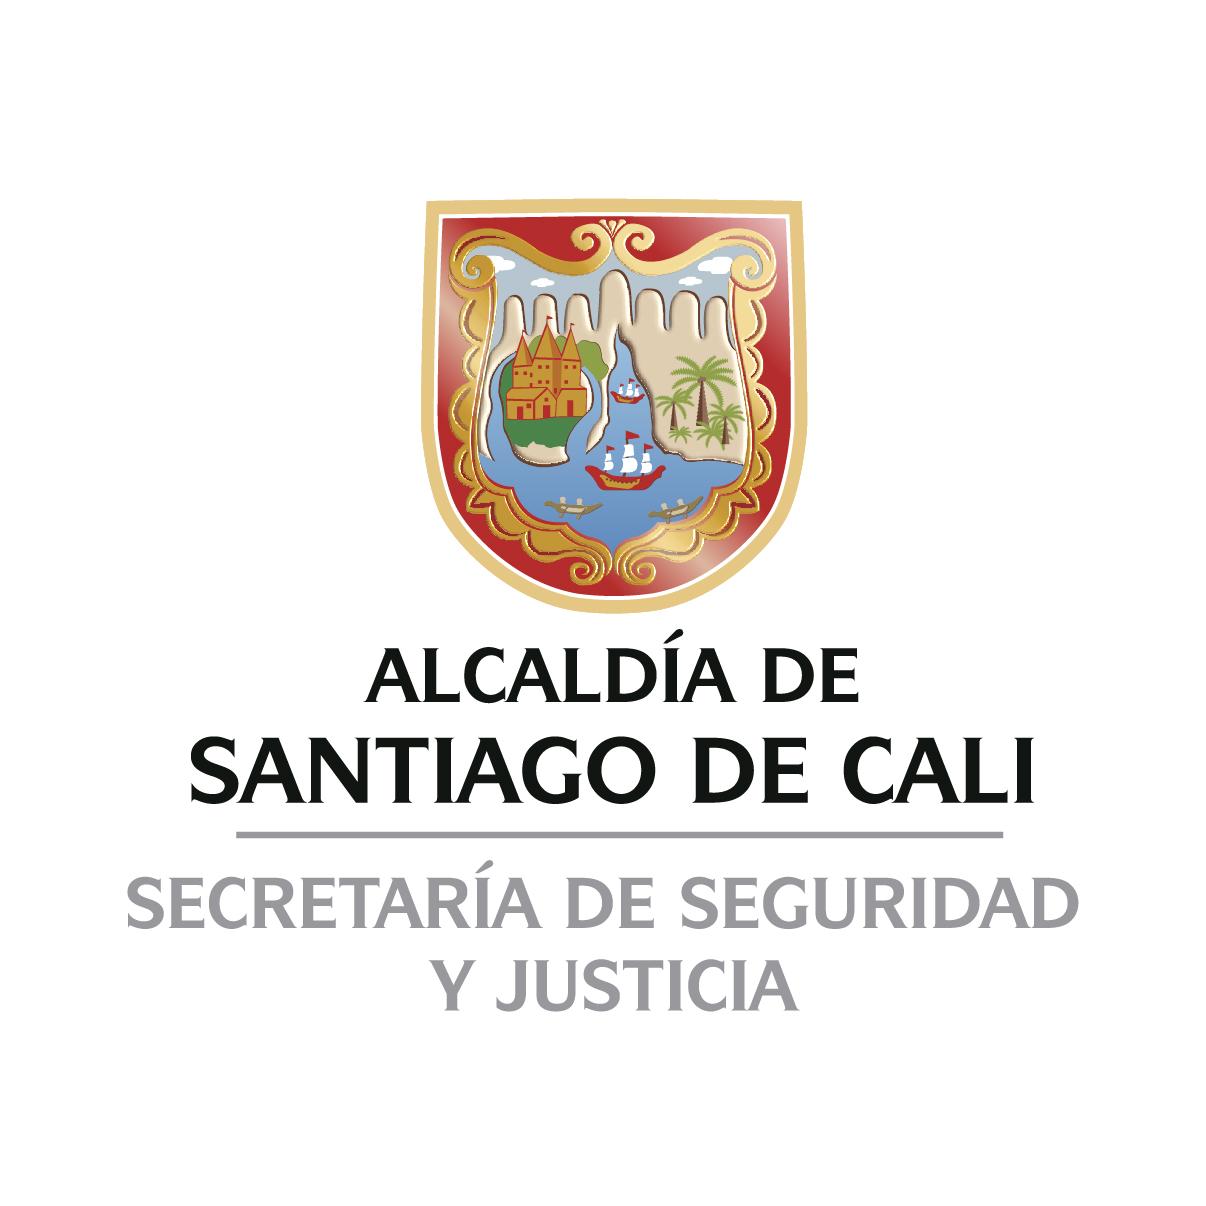 secretaria-de-seguridad-y-justicia